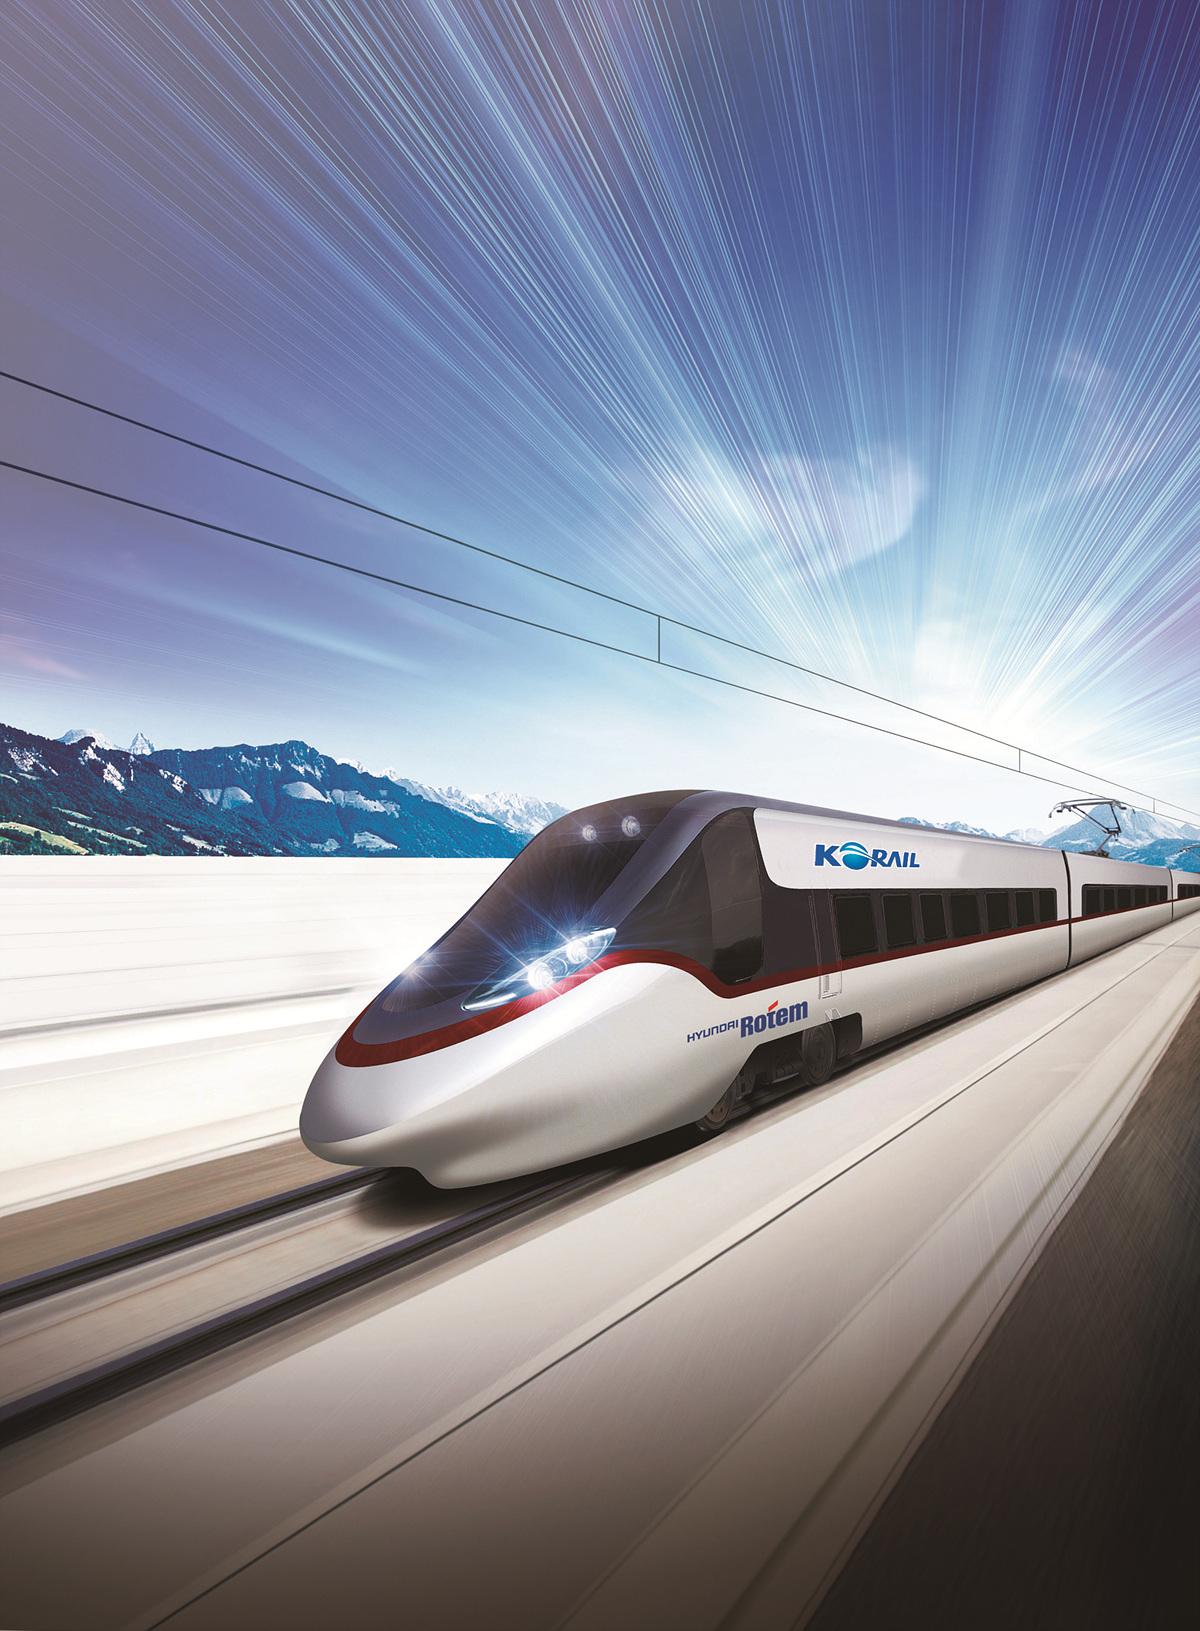 MU-250은 경전선 등 200km/h 이상의 속도로 건설된 신설노선에 투입될 예정이다. EMU-250은 국가 R&D로 개발한 차세대 고속열차인 HEMU-430의 기술력을 기반으로 한 최고속도 250km/h 동력분산식 고속열차다. 이 열차는 이미 운행하고 있는 KTX-산천과는 달리 엔진을 각 차량에 분산 배치해 좌석 효율과 가감속 능력을 향상시킨 것이 특징이다.